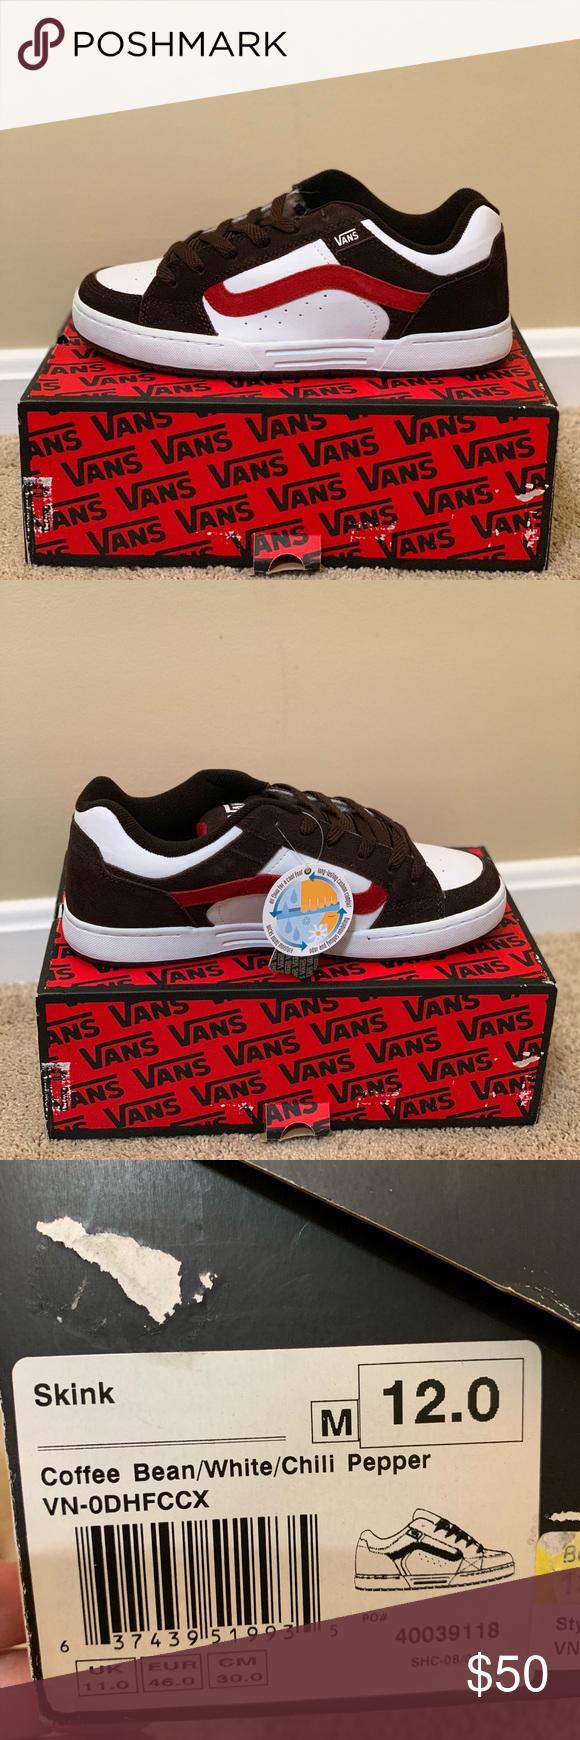 Vans Skink Shoes   Vans, Shoe brands, Shoes